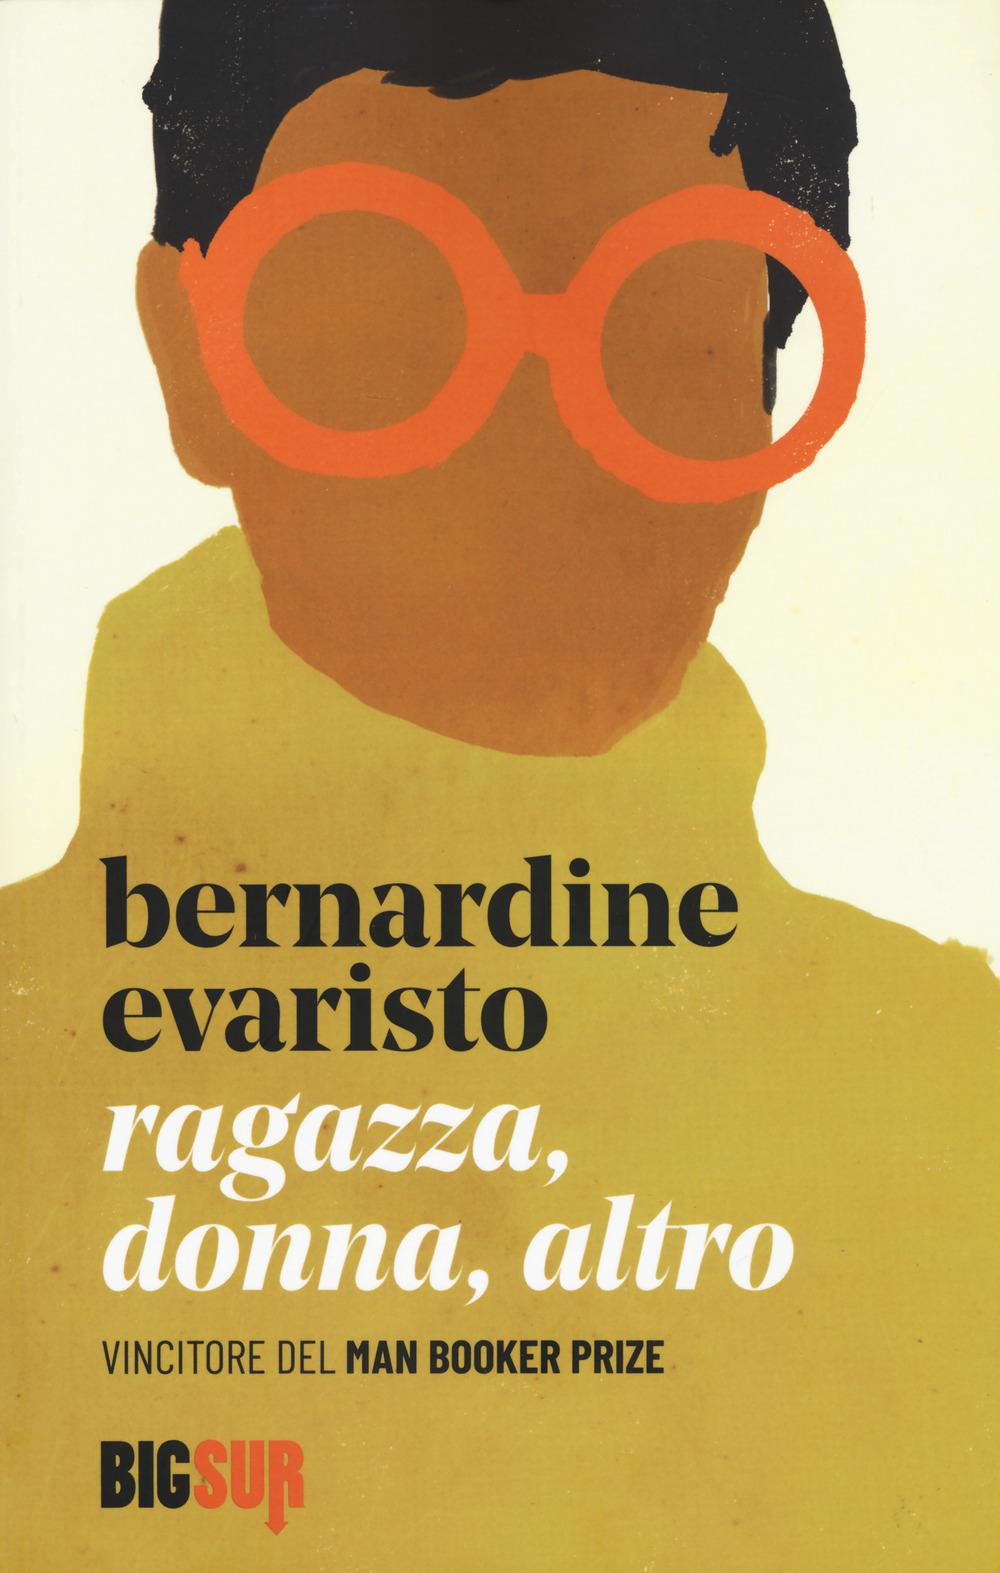 RAGAZZA, DONNA, ALTRO Bernardine Evaristo, traduzione di Martina Testa, Sur,